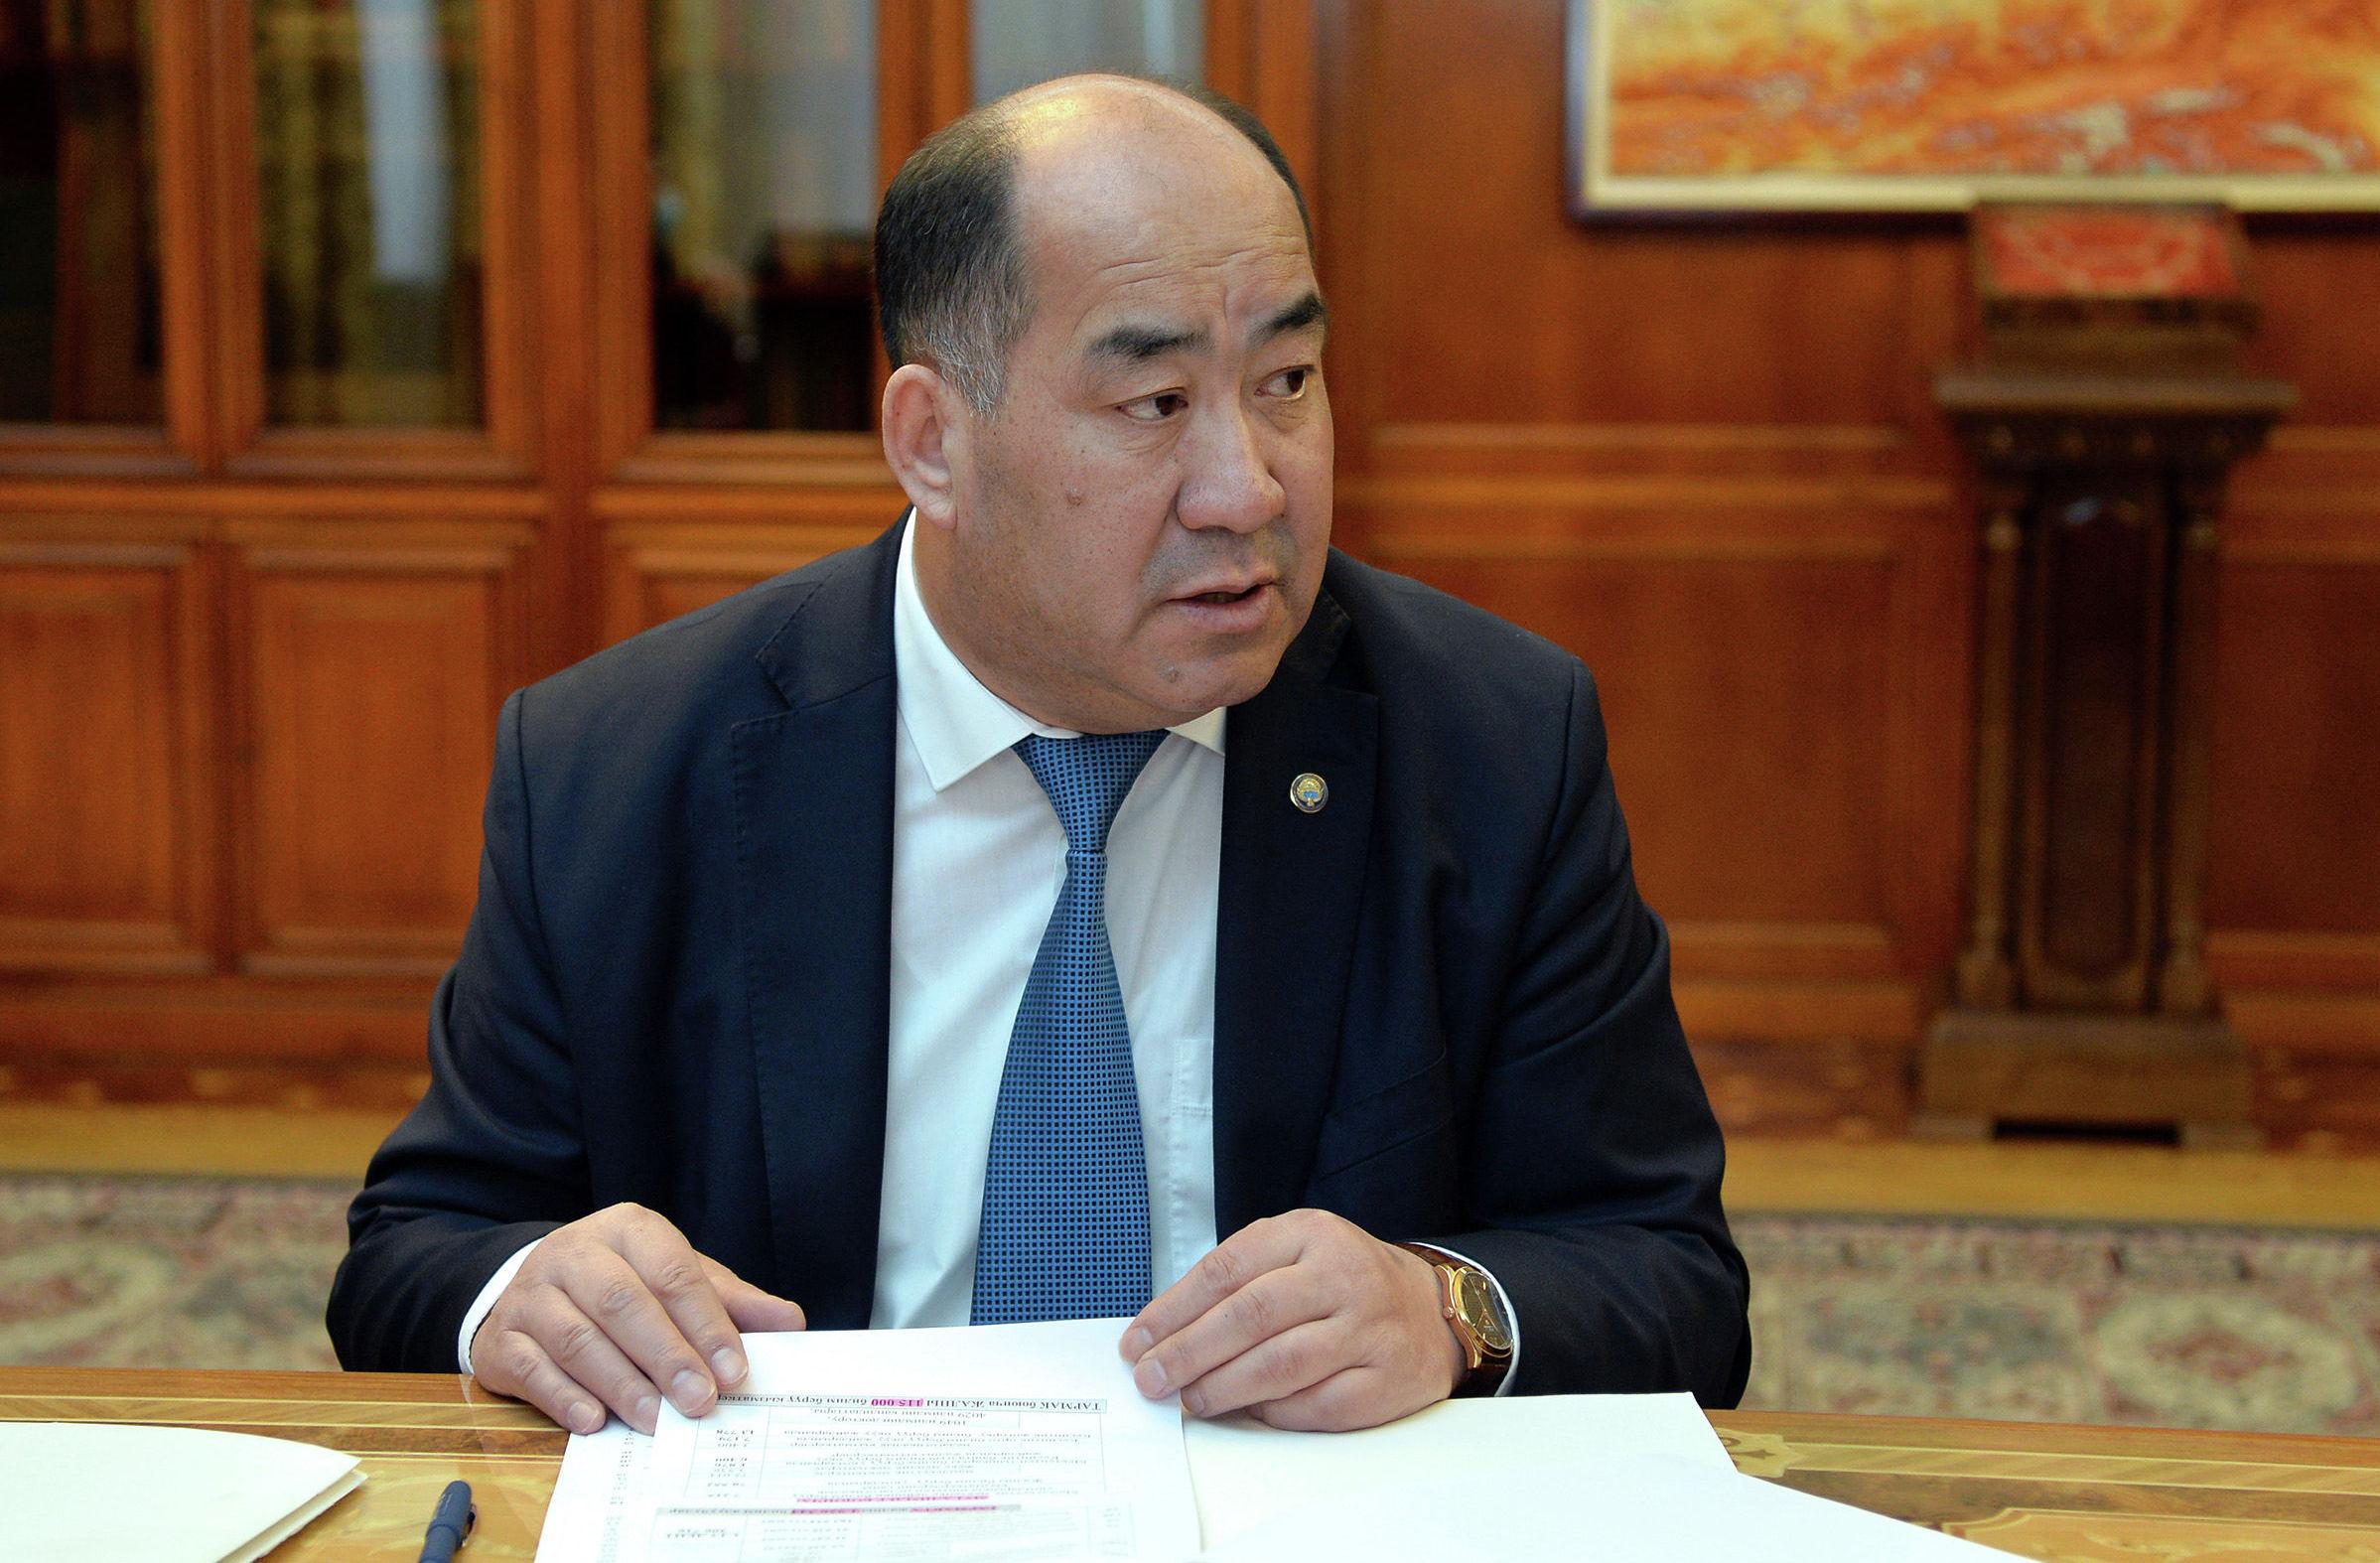 Президент Кыргызской Республики Сооронбай Жээнбеков сегодня, 2 апреля, принял министра образования и науки Кыргызской Республики Каныбека Исакова.